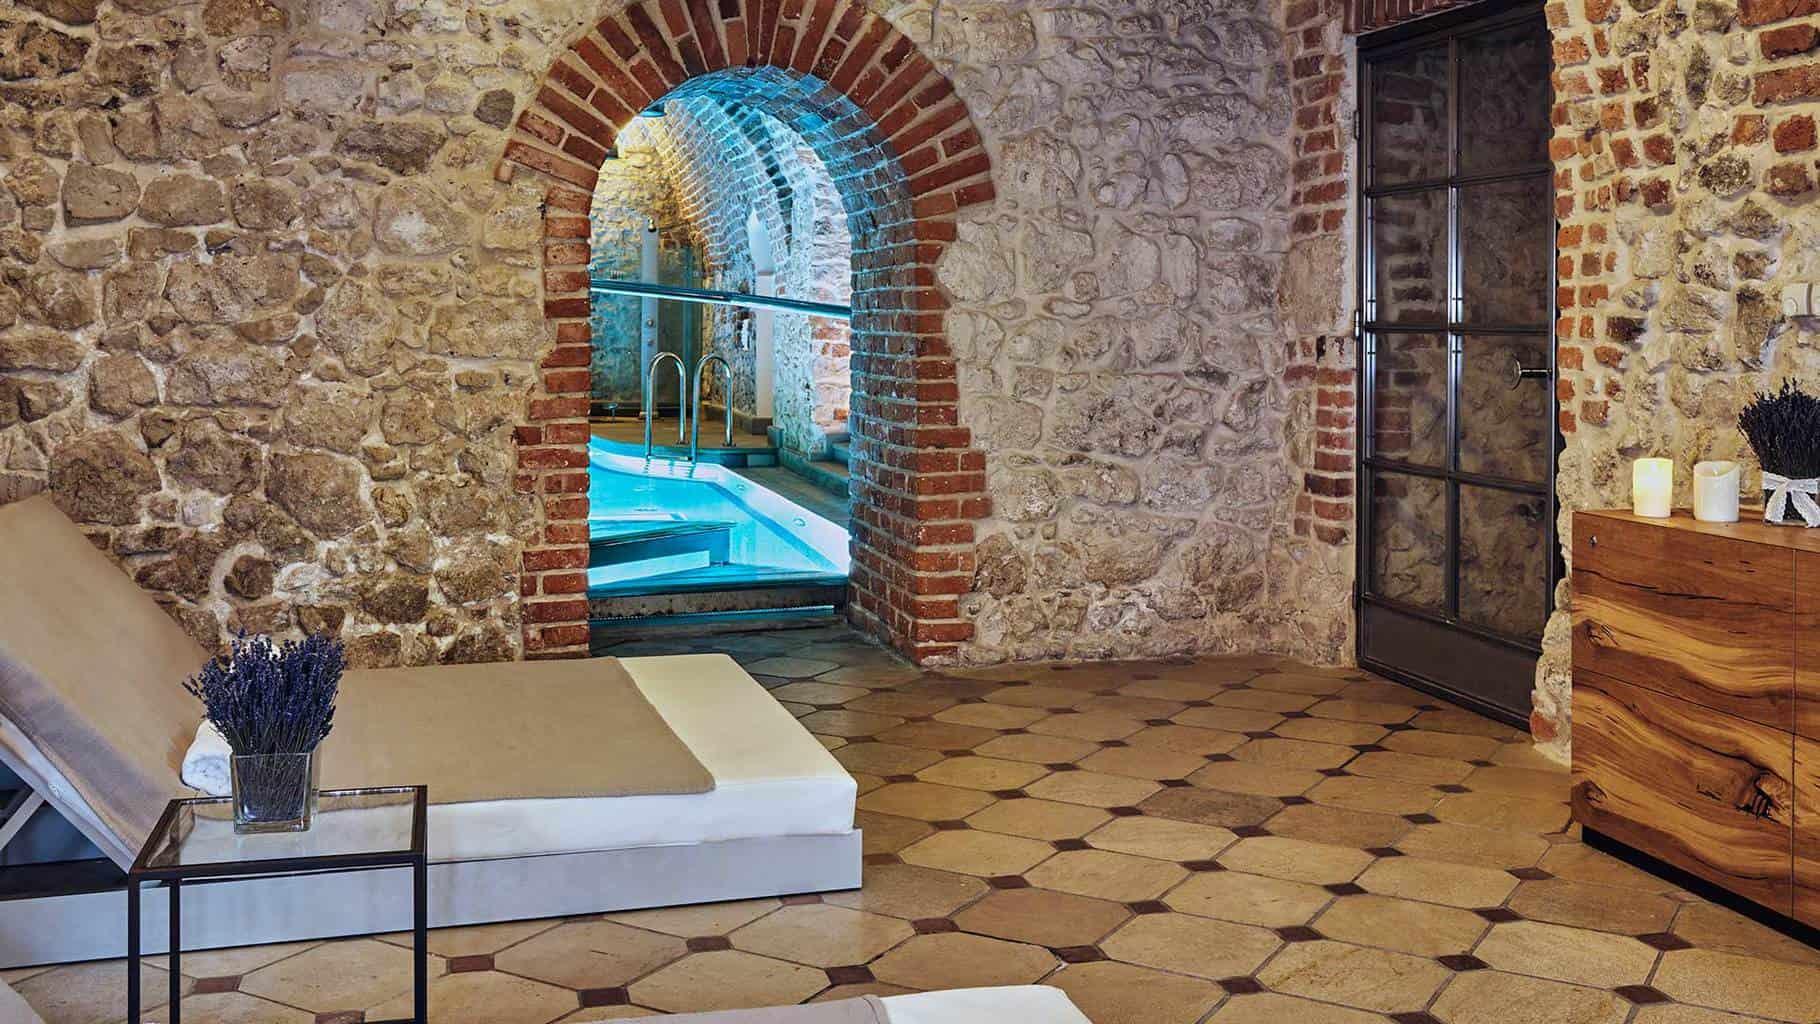 O-Hotel-Copernicus-combina-tradição-e-modernidade-localizado-em-uma-das-ruas-mais-belas-de-Cracóvia.